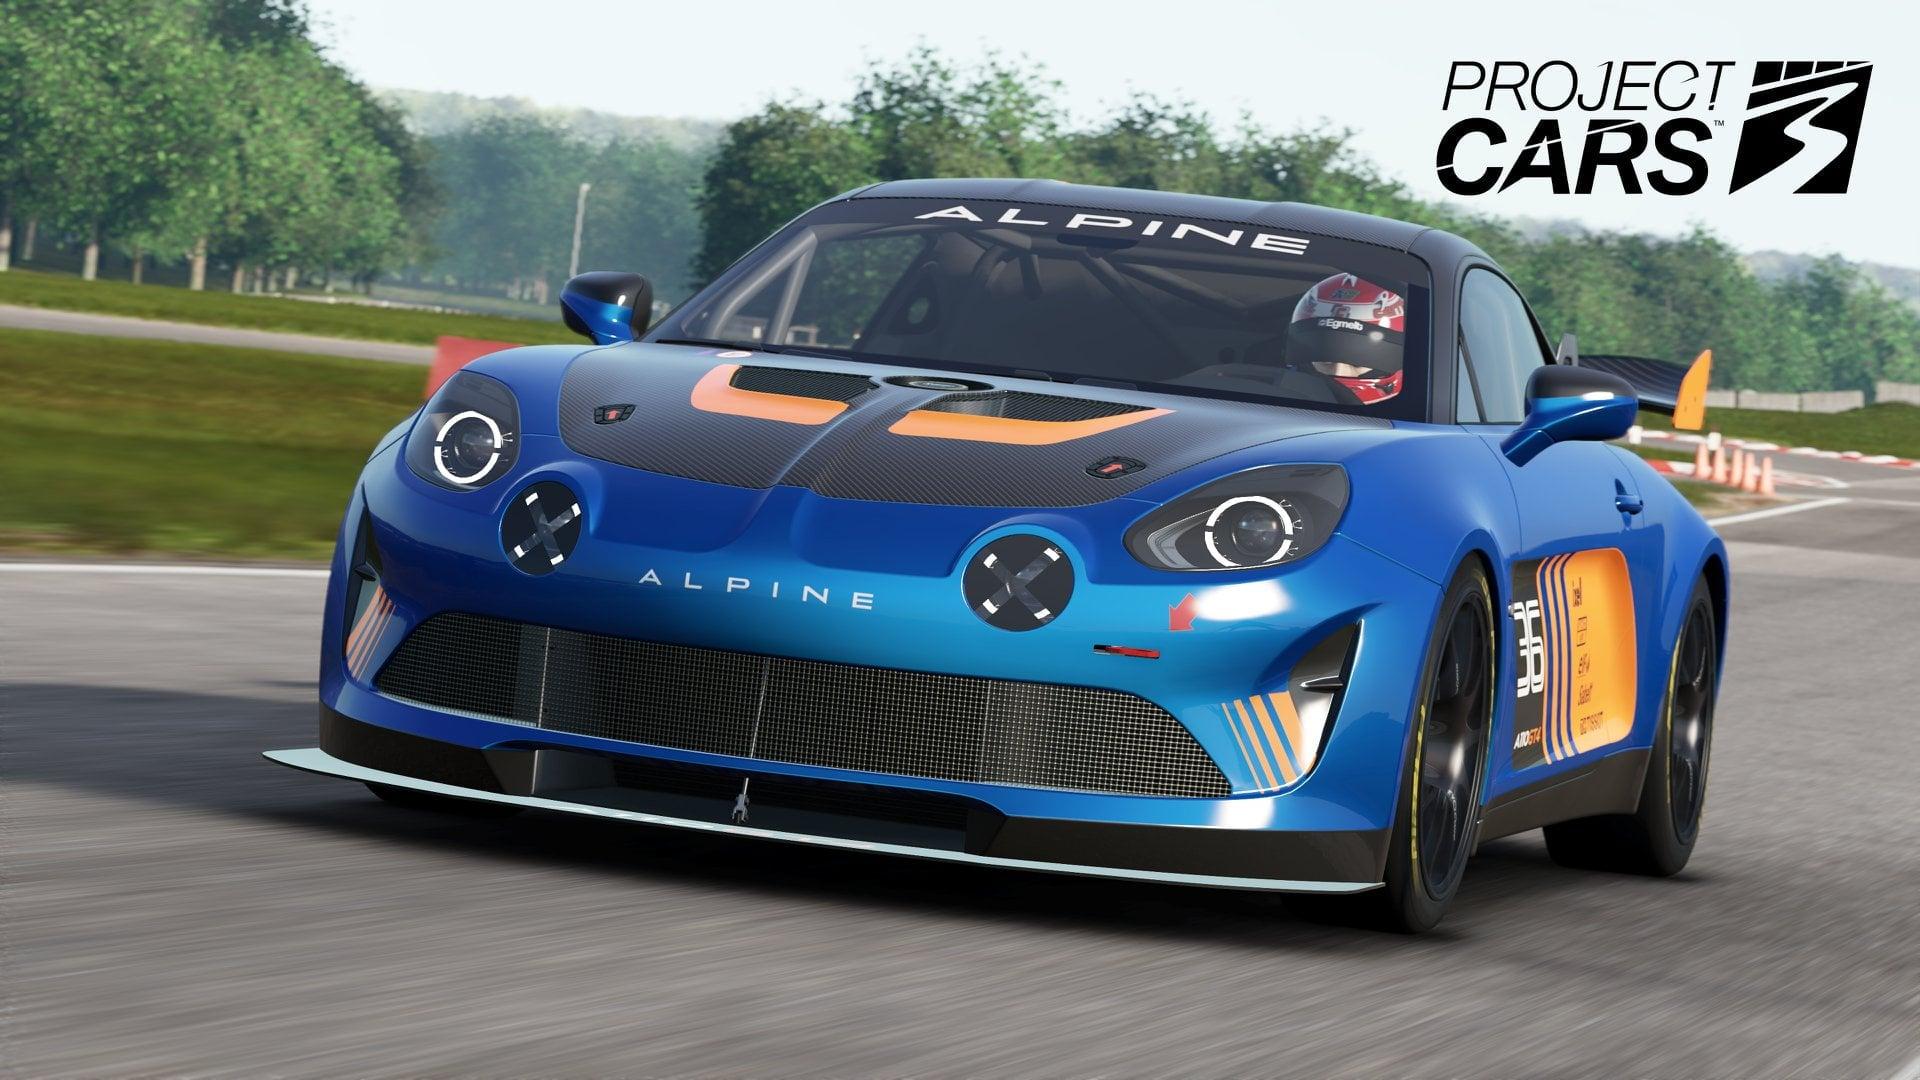 Alpine A110 GT4 Project cars 3 2020 3 | Project Cars 3: Alpine A110S et GT4 au programme